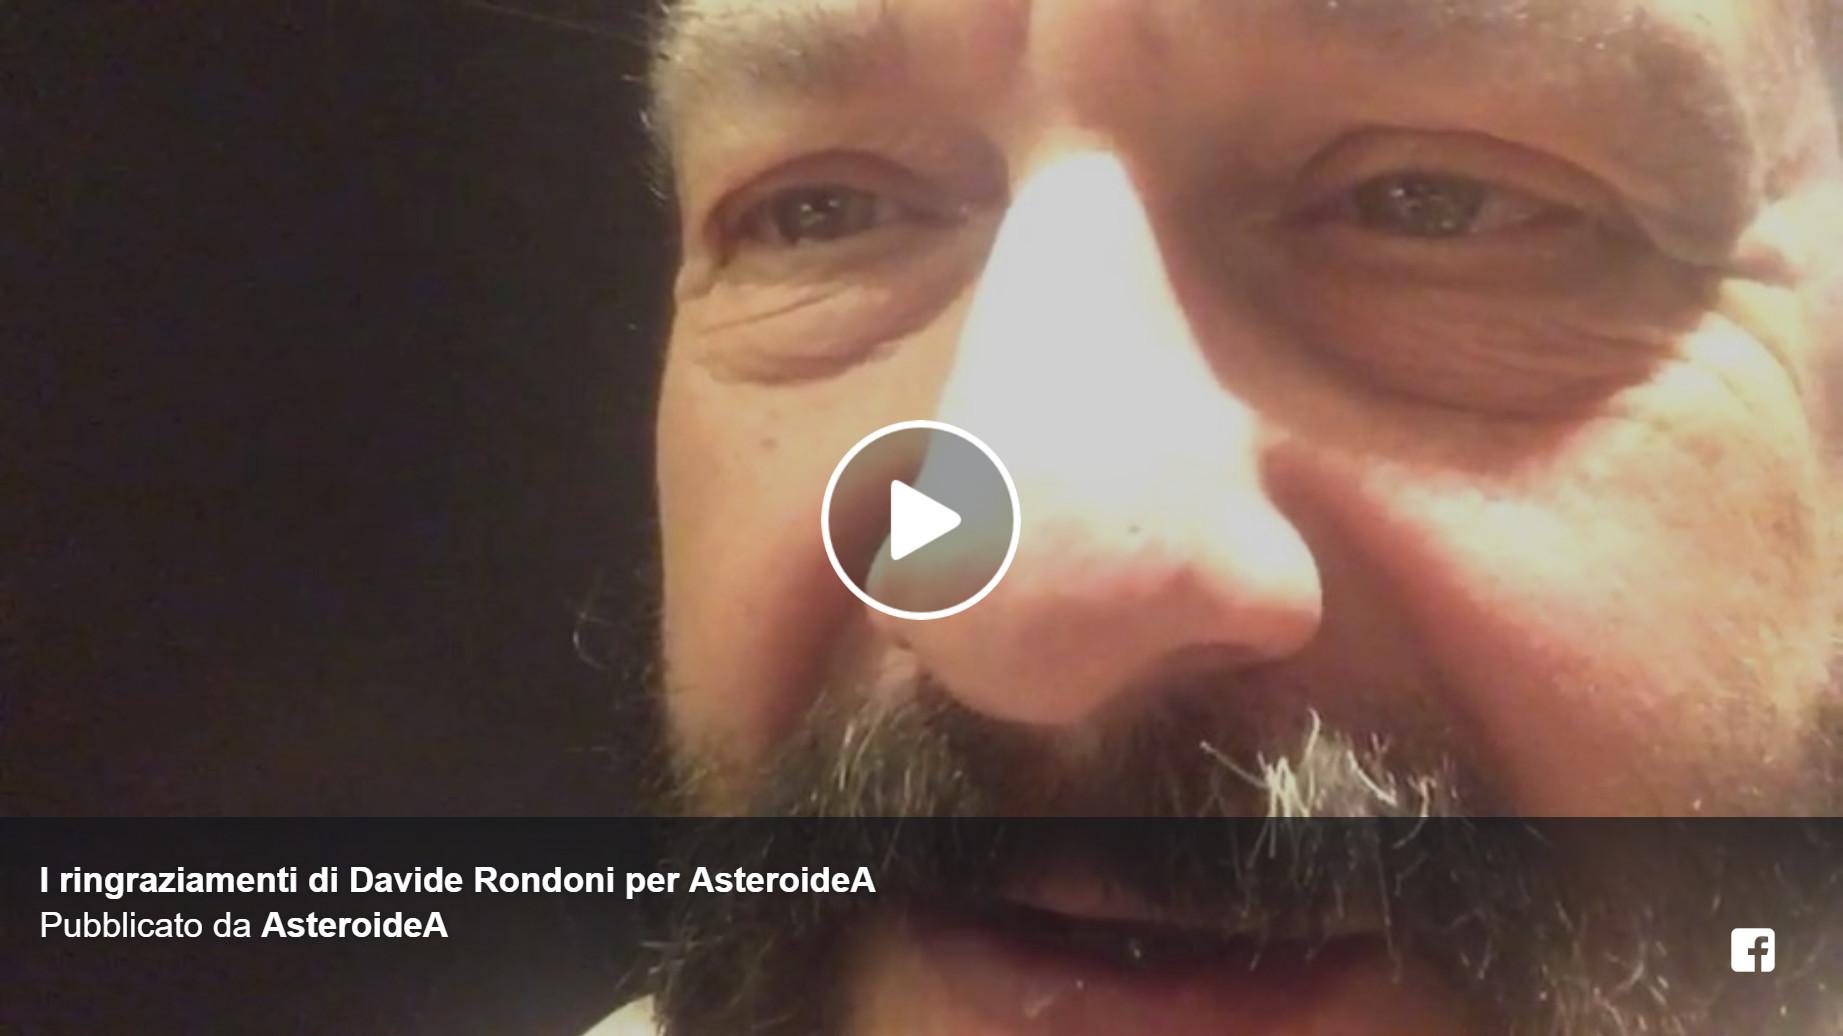 [VIDEO] I ringraziamenti di Davide Rondoni per AsteroideA